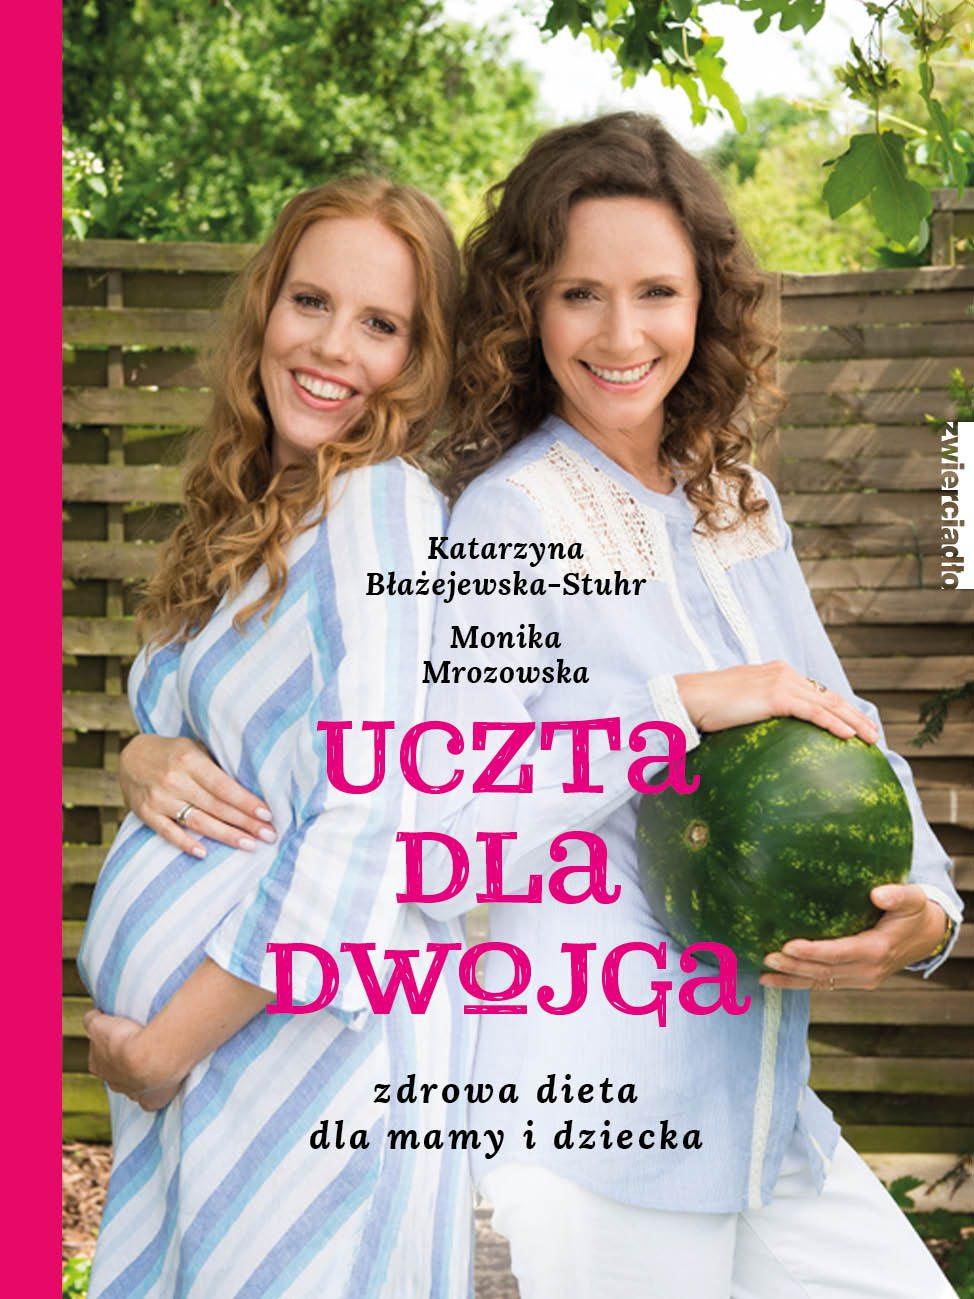 Uczta dla dwojga. Zdrowa dieta dla mamy i dziecka - Ebook (Książka na Kindle) do pobrania w formacie MOBI